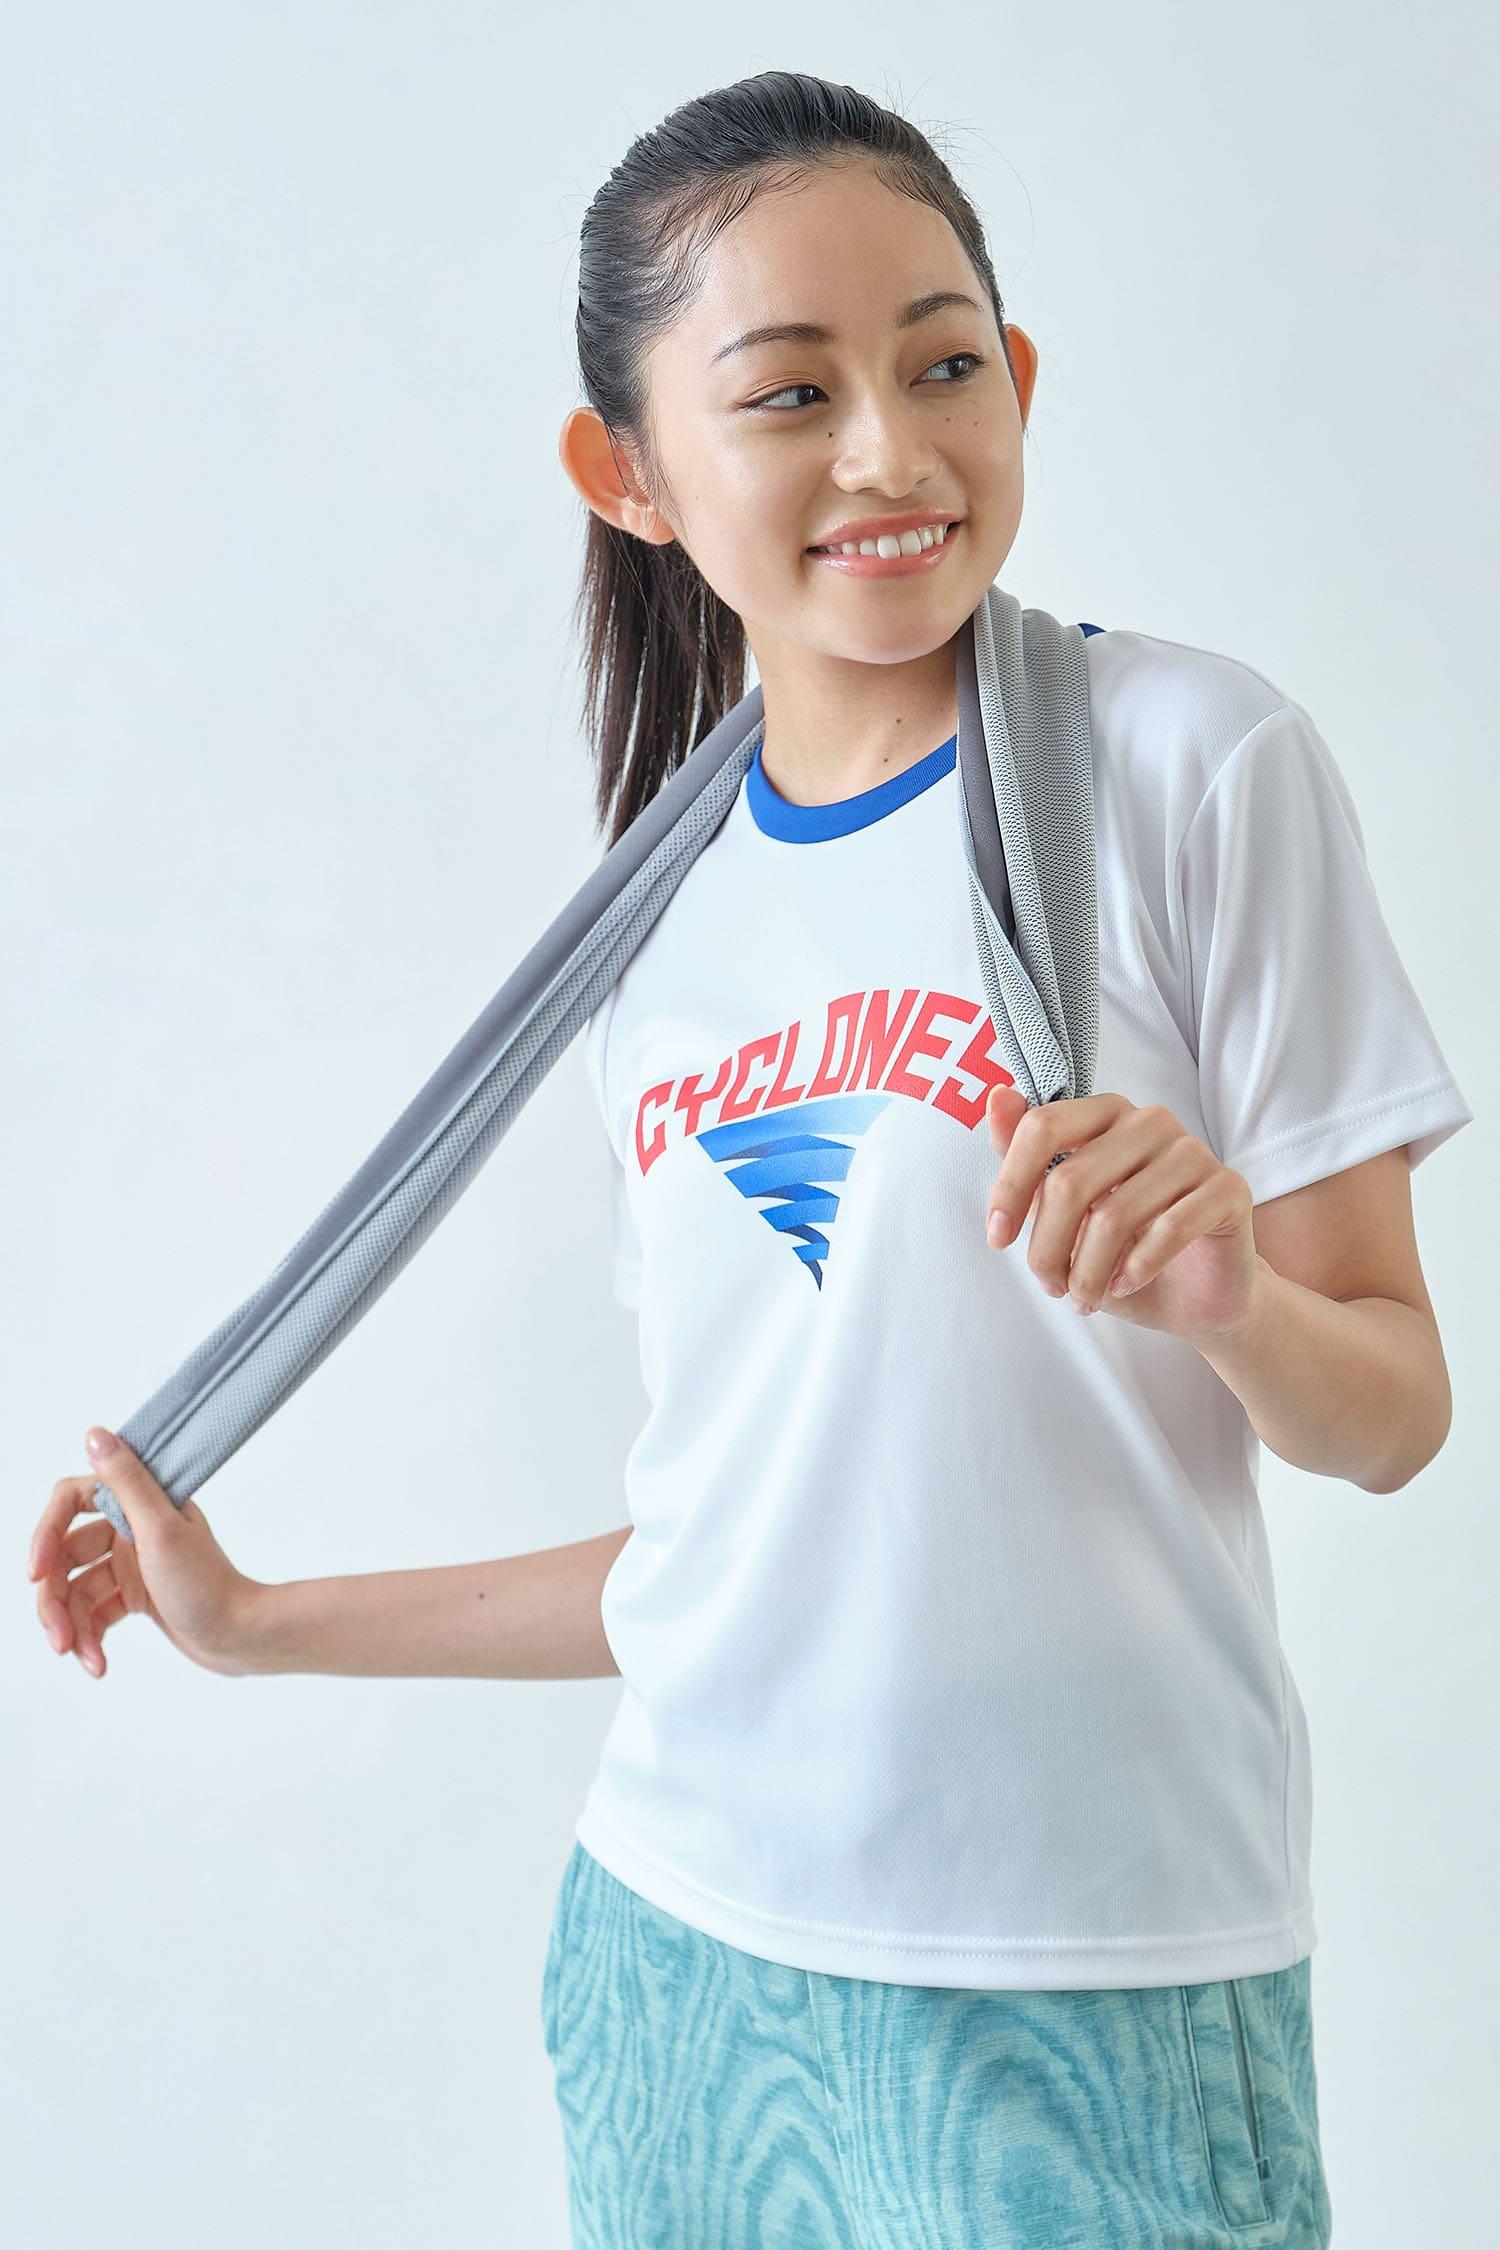 SUZURI's dry T-shirt